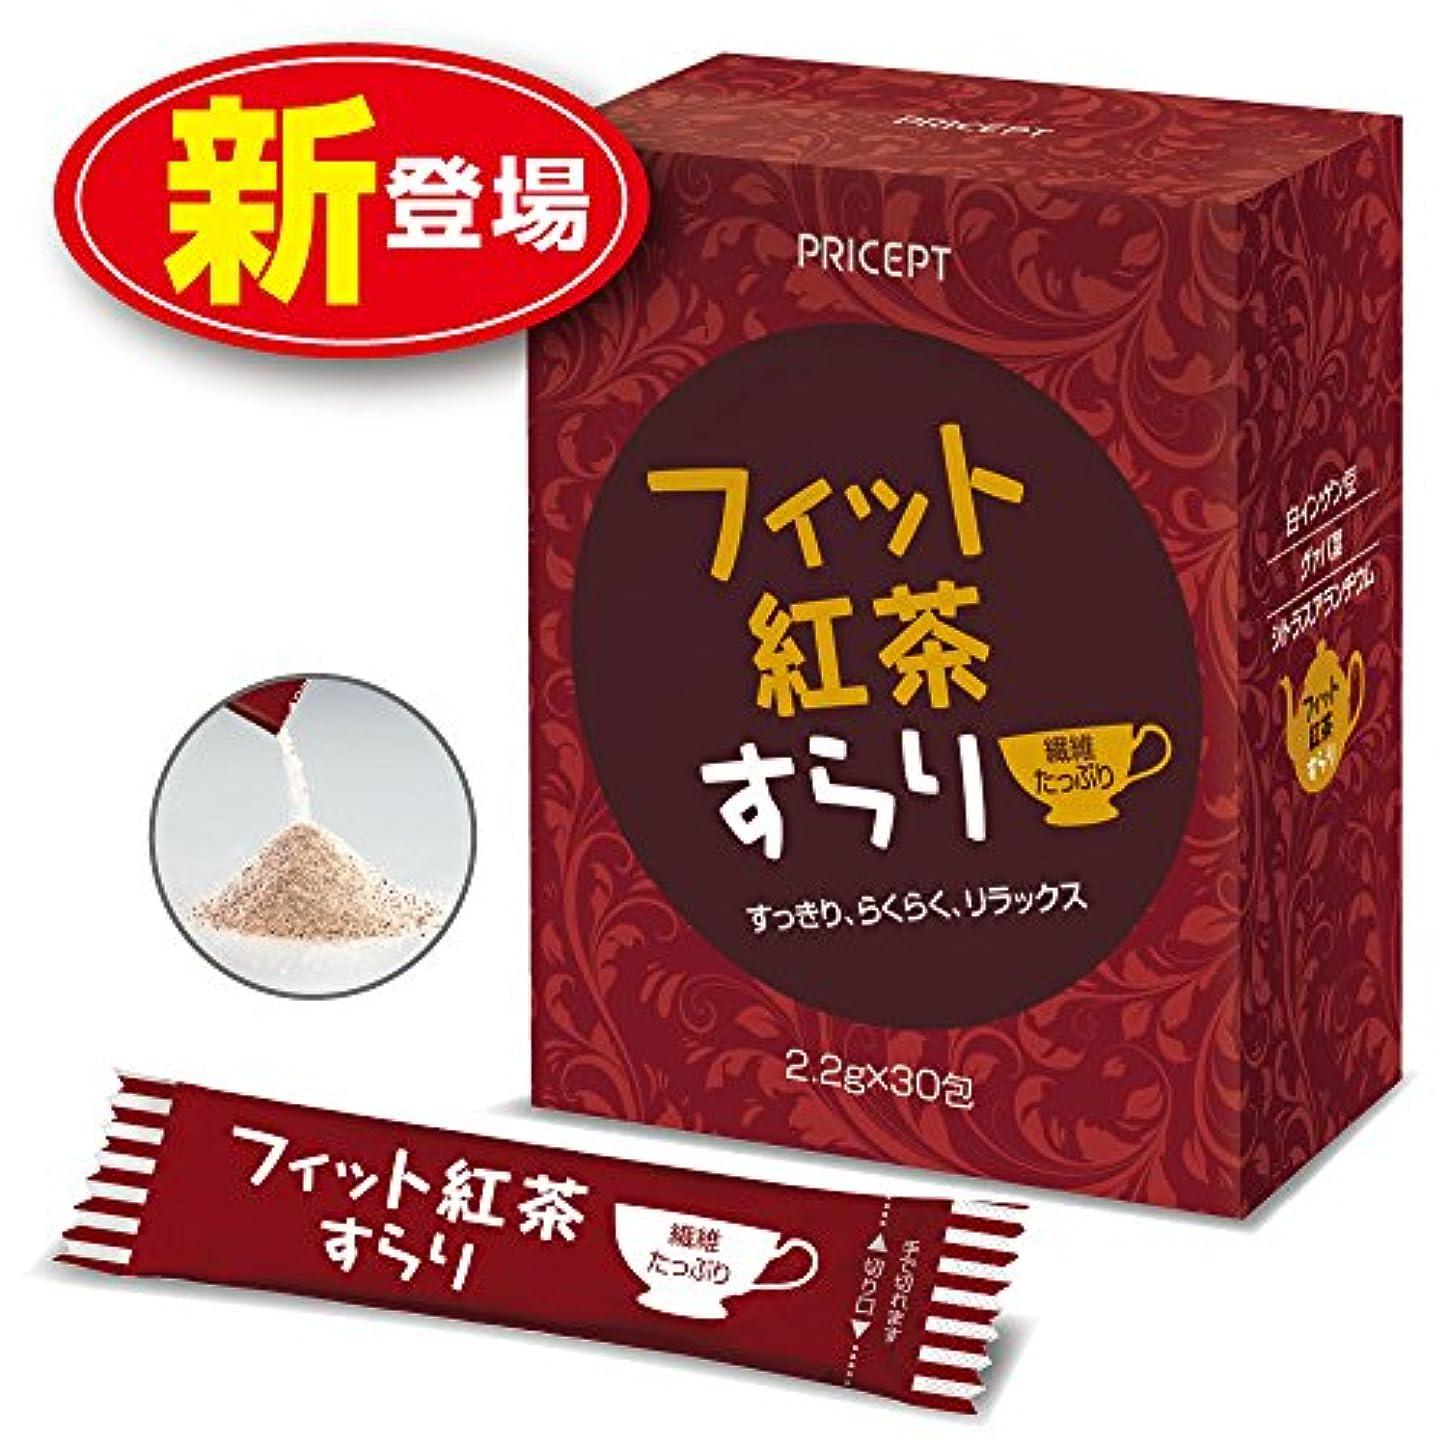 解放する切断する適応するプリセプト フィット紅茶すらり(30包)【単品】(食物繊維配合ダイエットサポート紅茶)